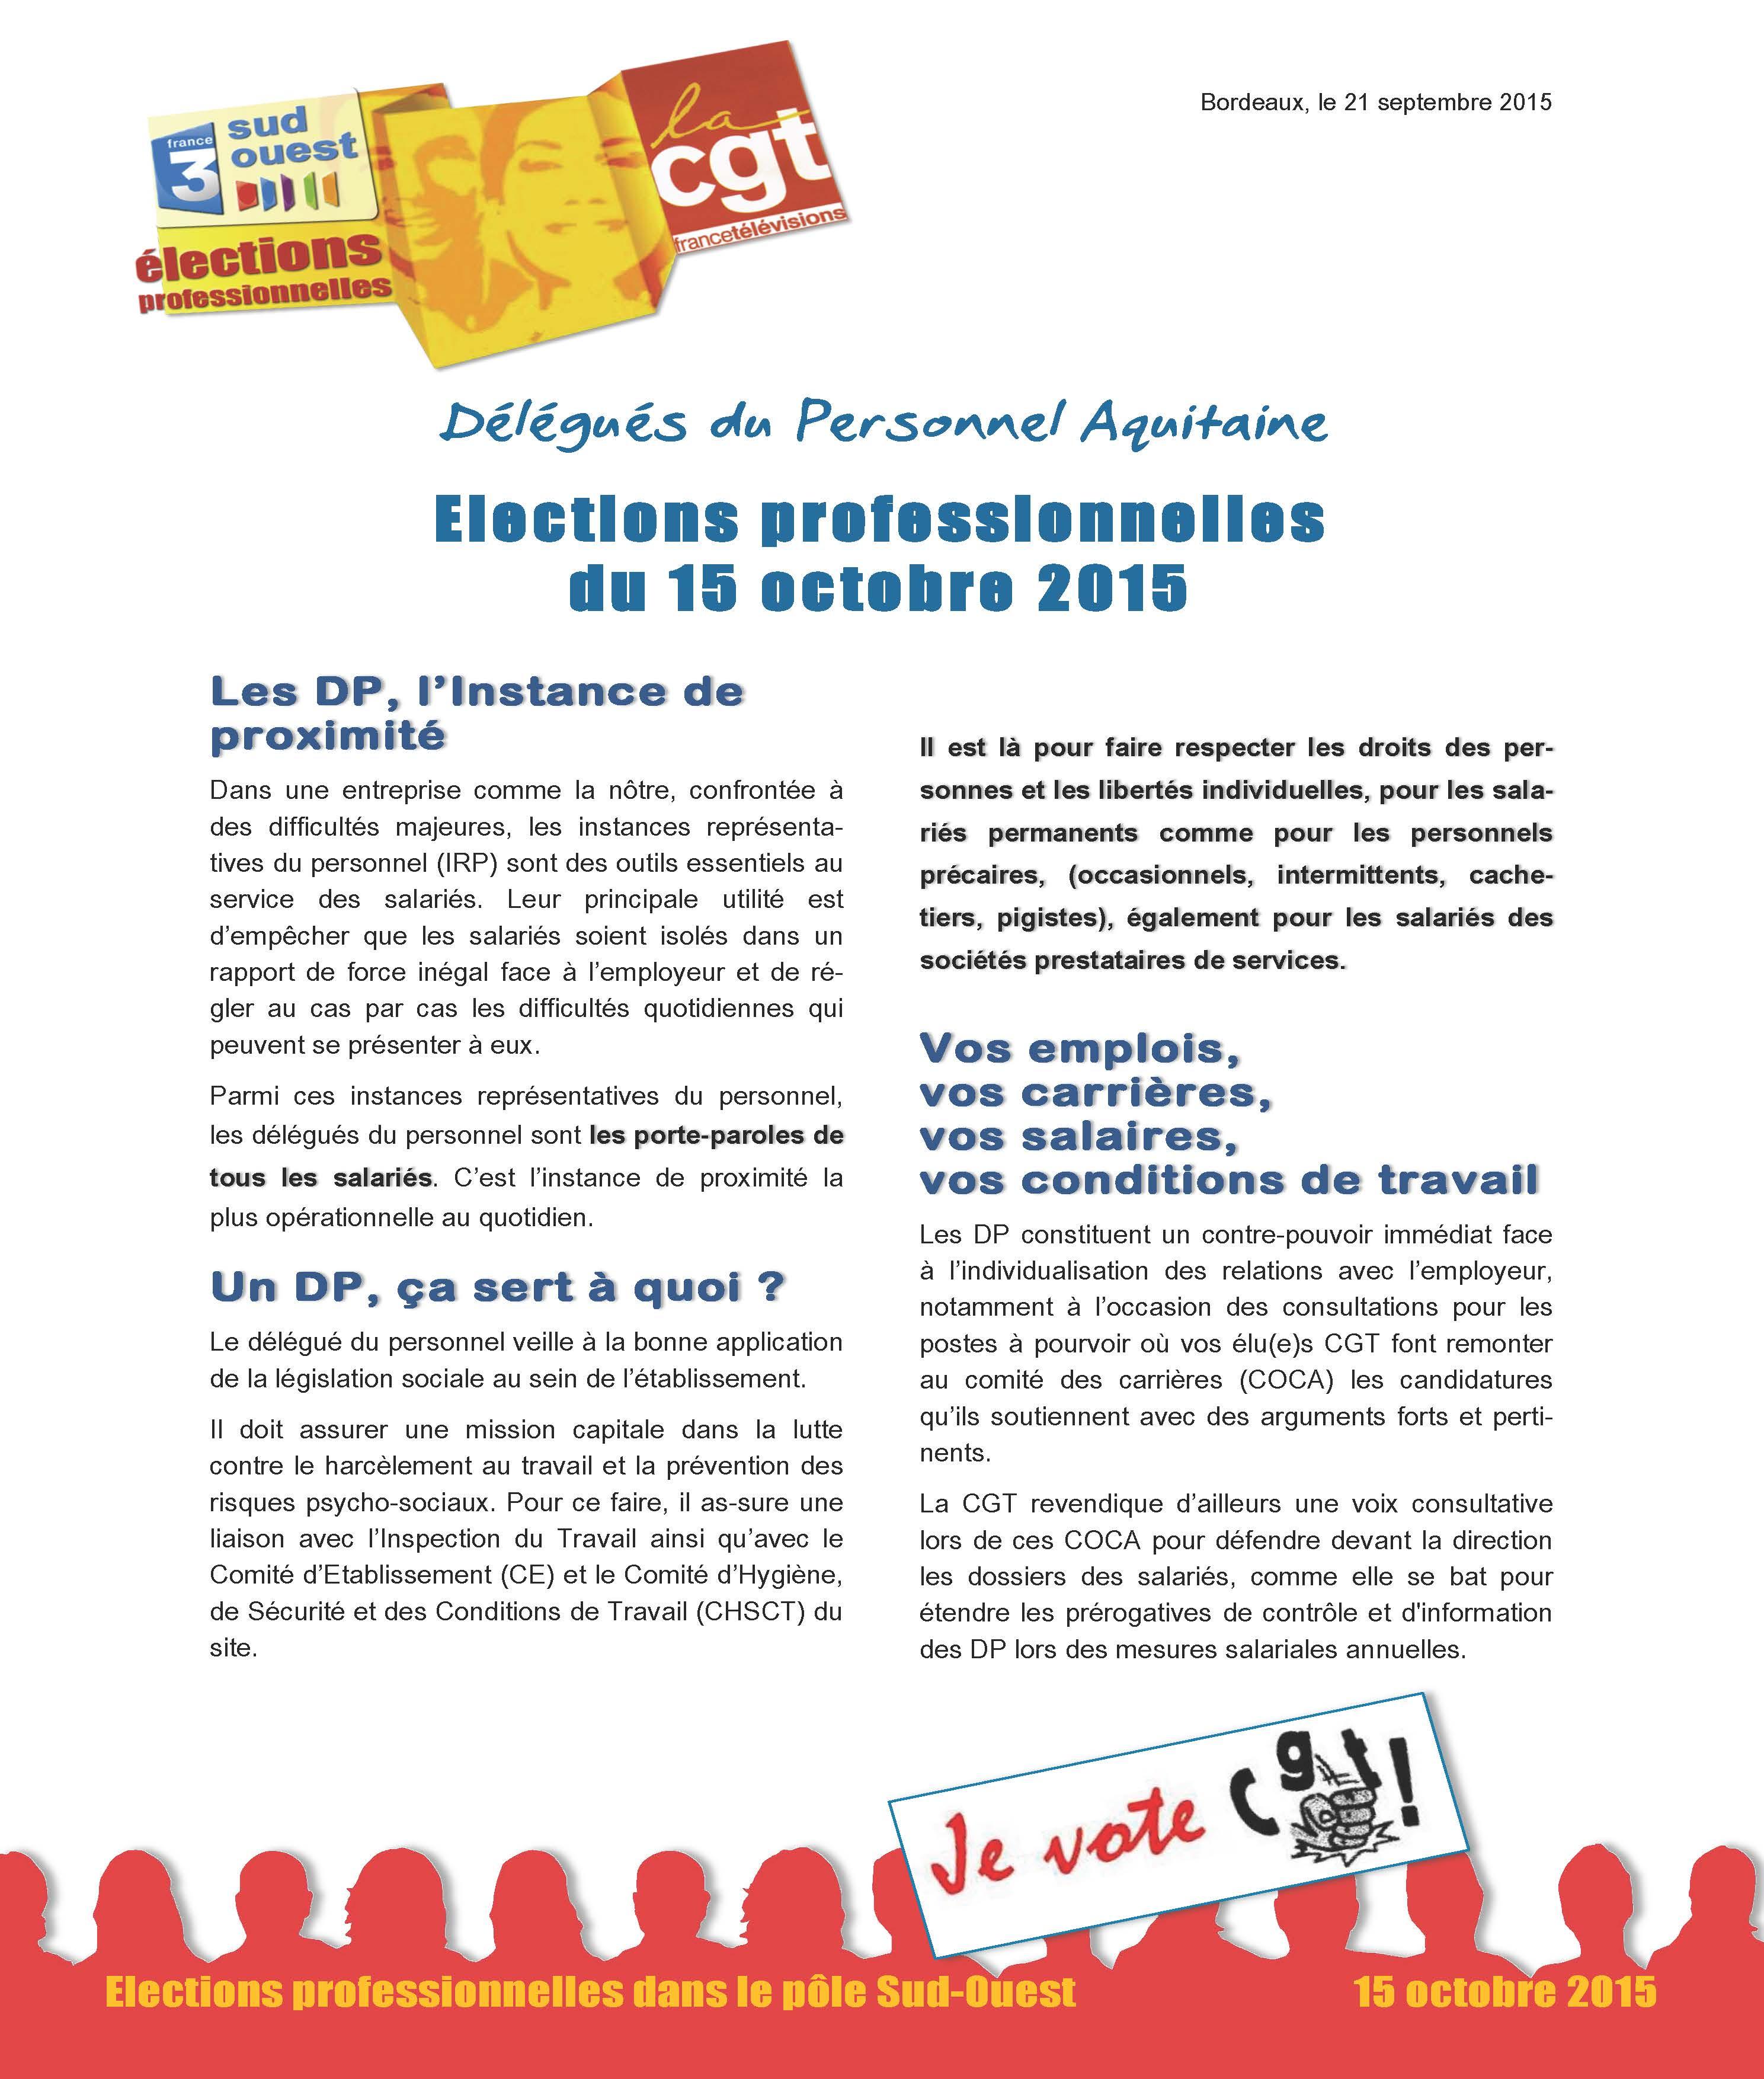 inspection du travail elections professionnelles